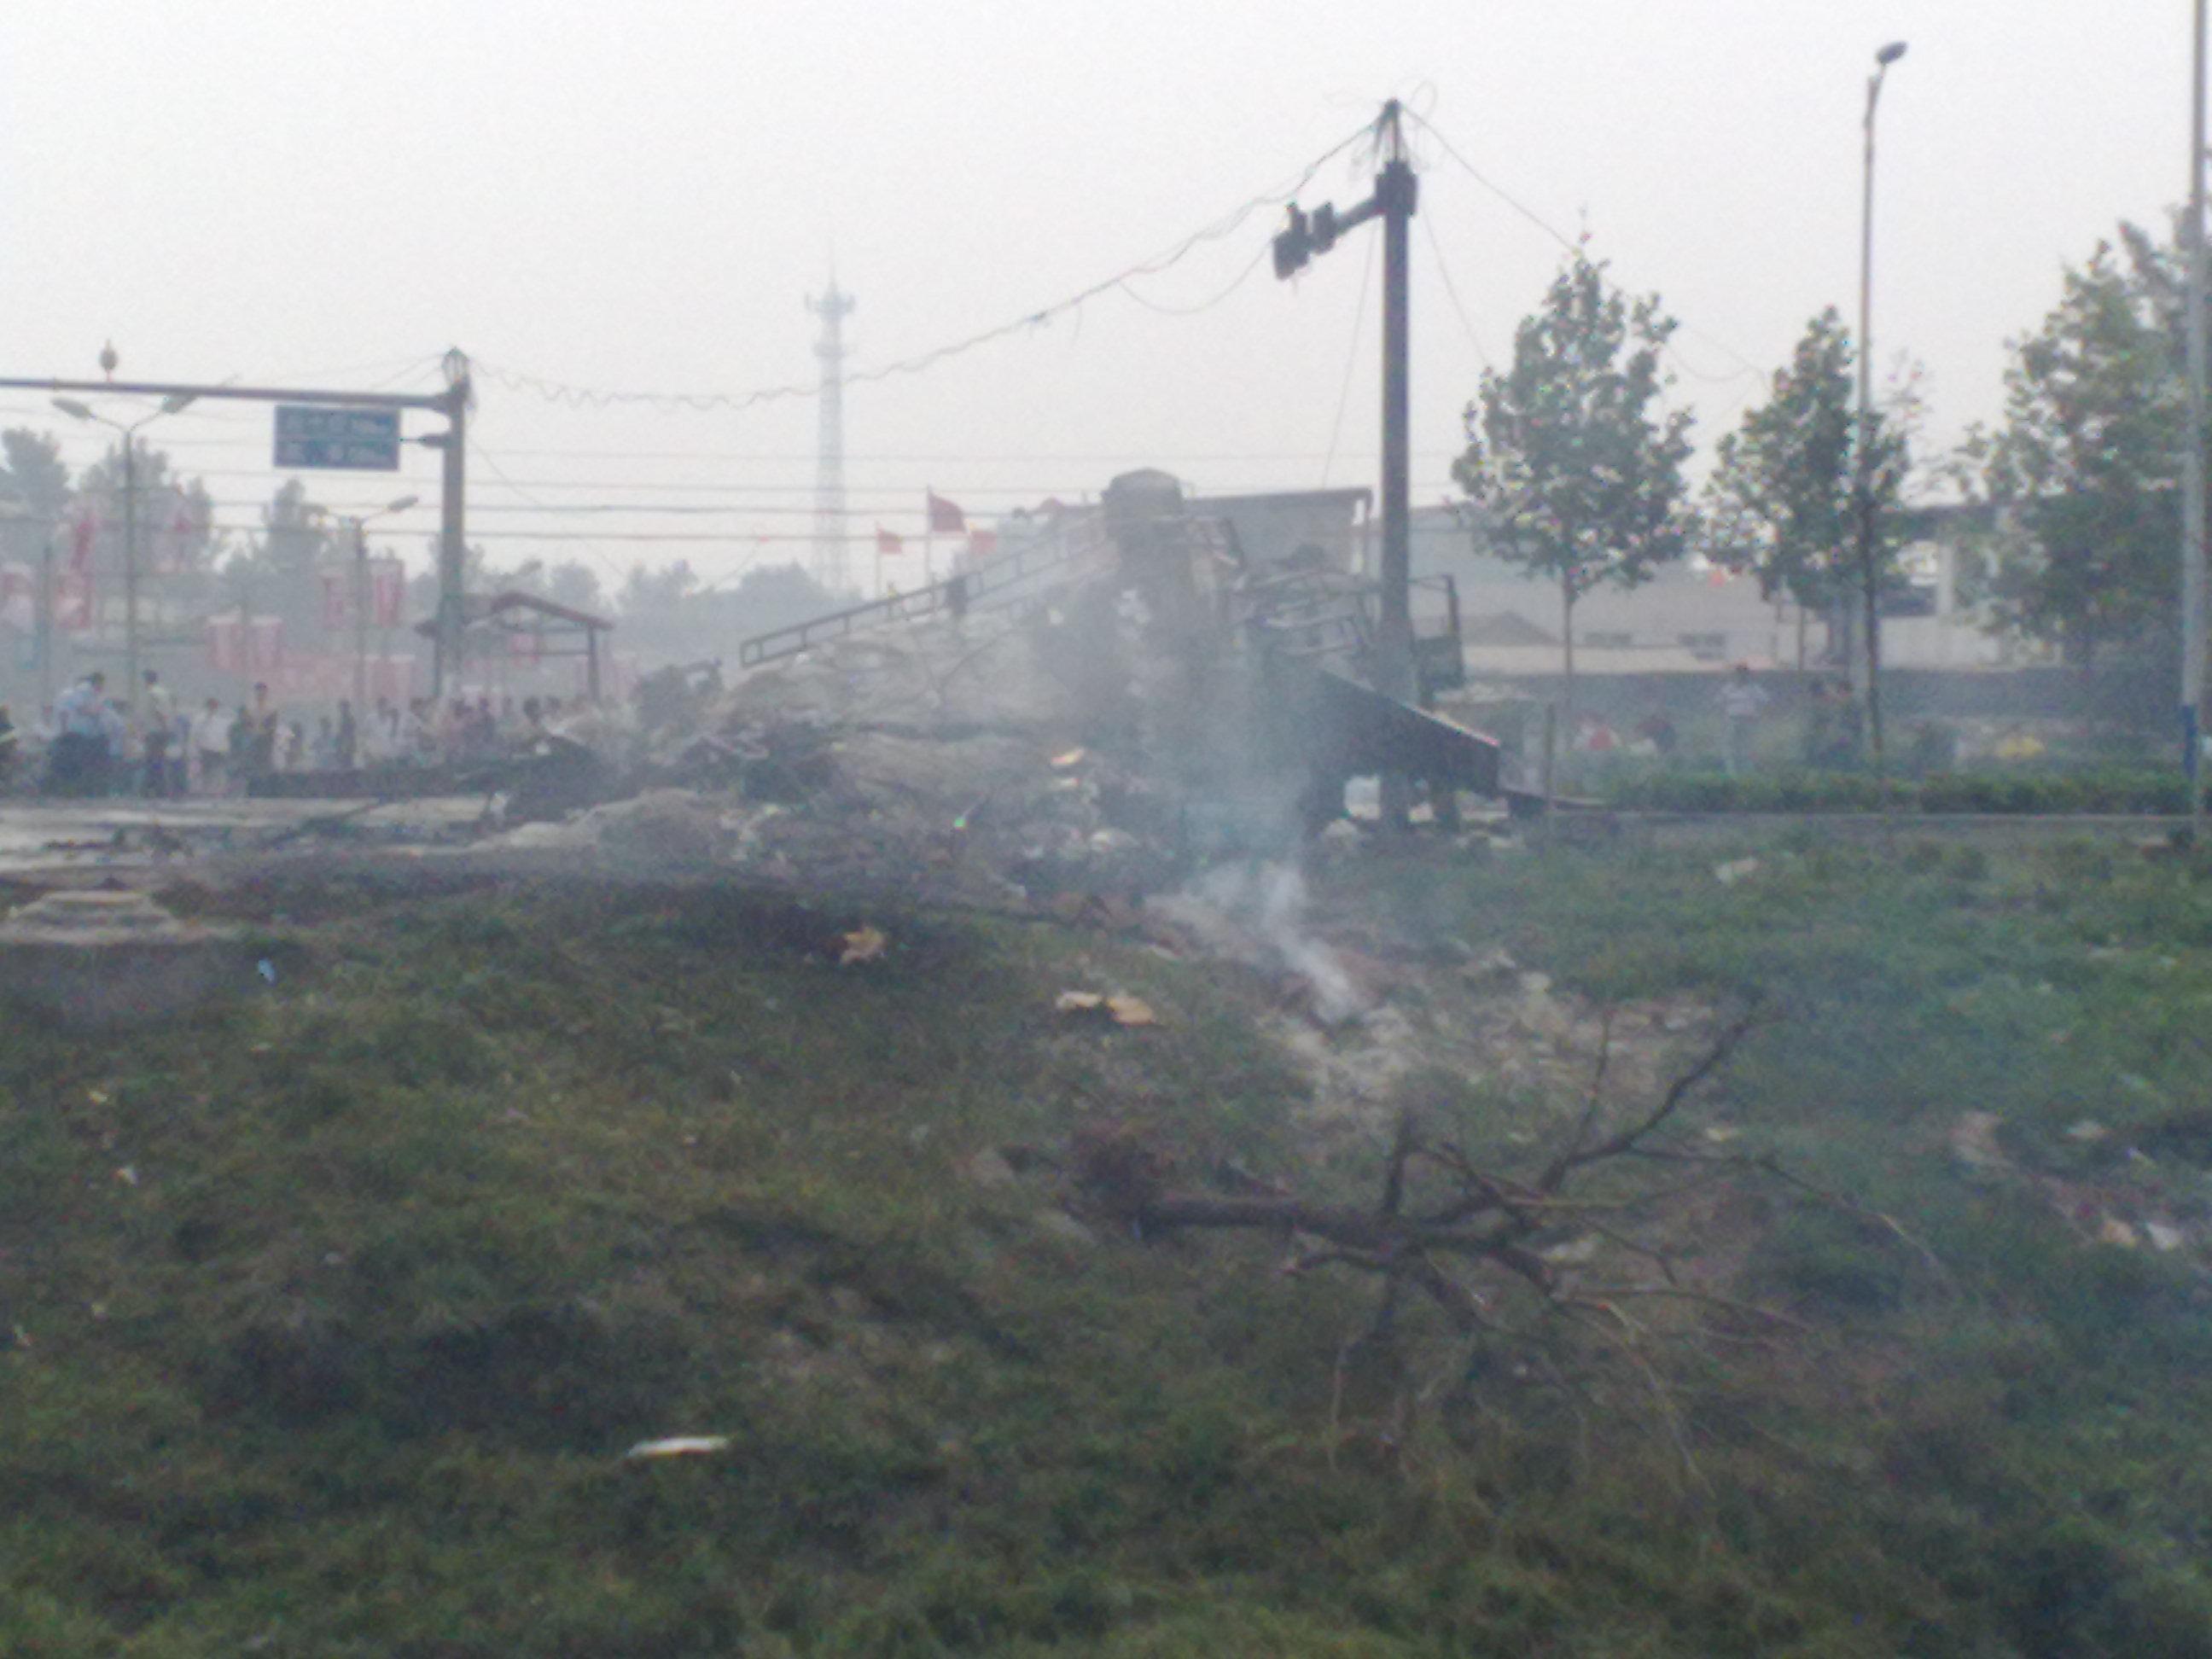 河北省晋州市307国道 发生特大爆炸事故